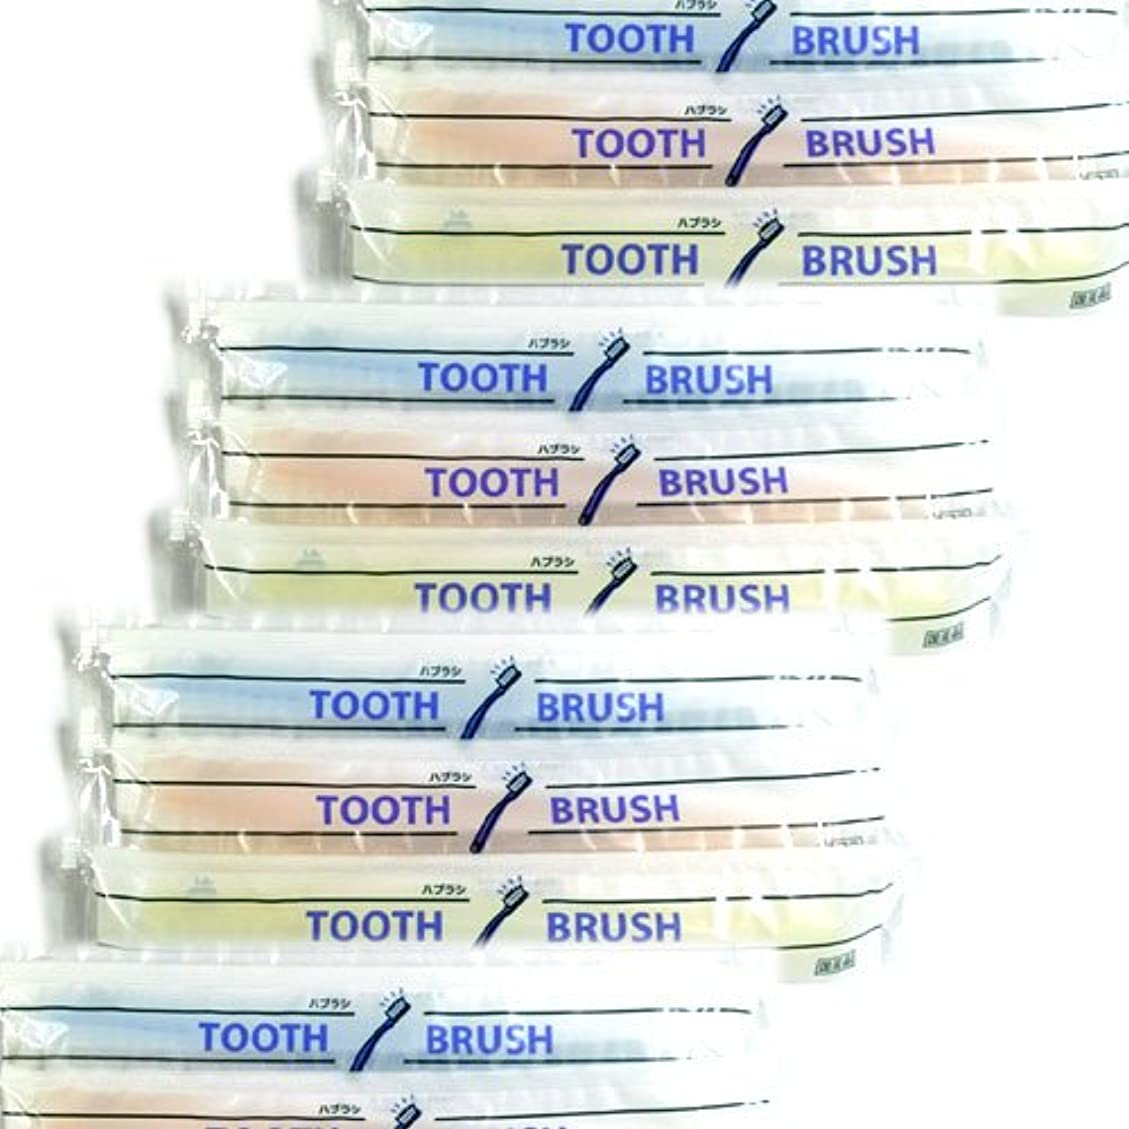 薬用アコードシャーホテルアメニティ 業務用 使い捨て(インスタント) 粉付き歯ブラシ(200本組)(旅行用?お客様用にも)